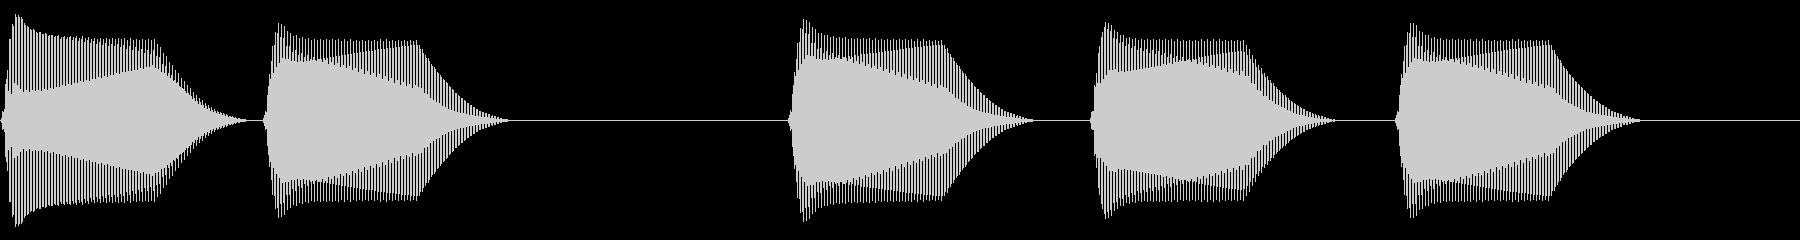 往年のRPG風 セリフ・吹き出し音 11の未再生の波形